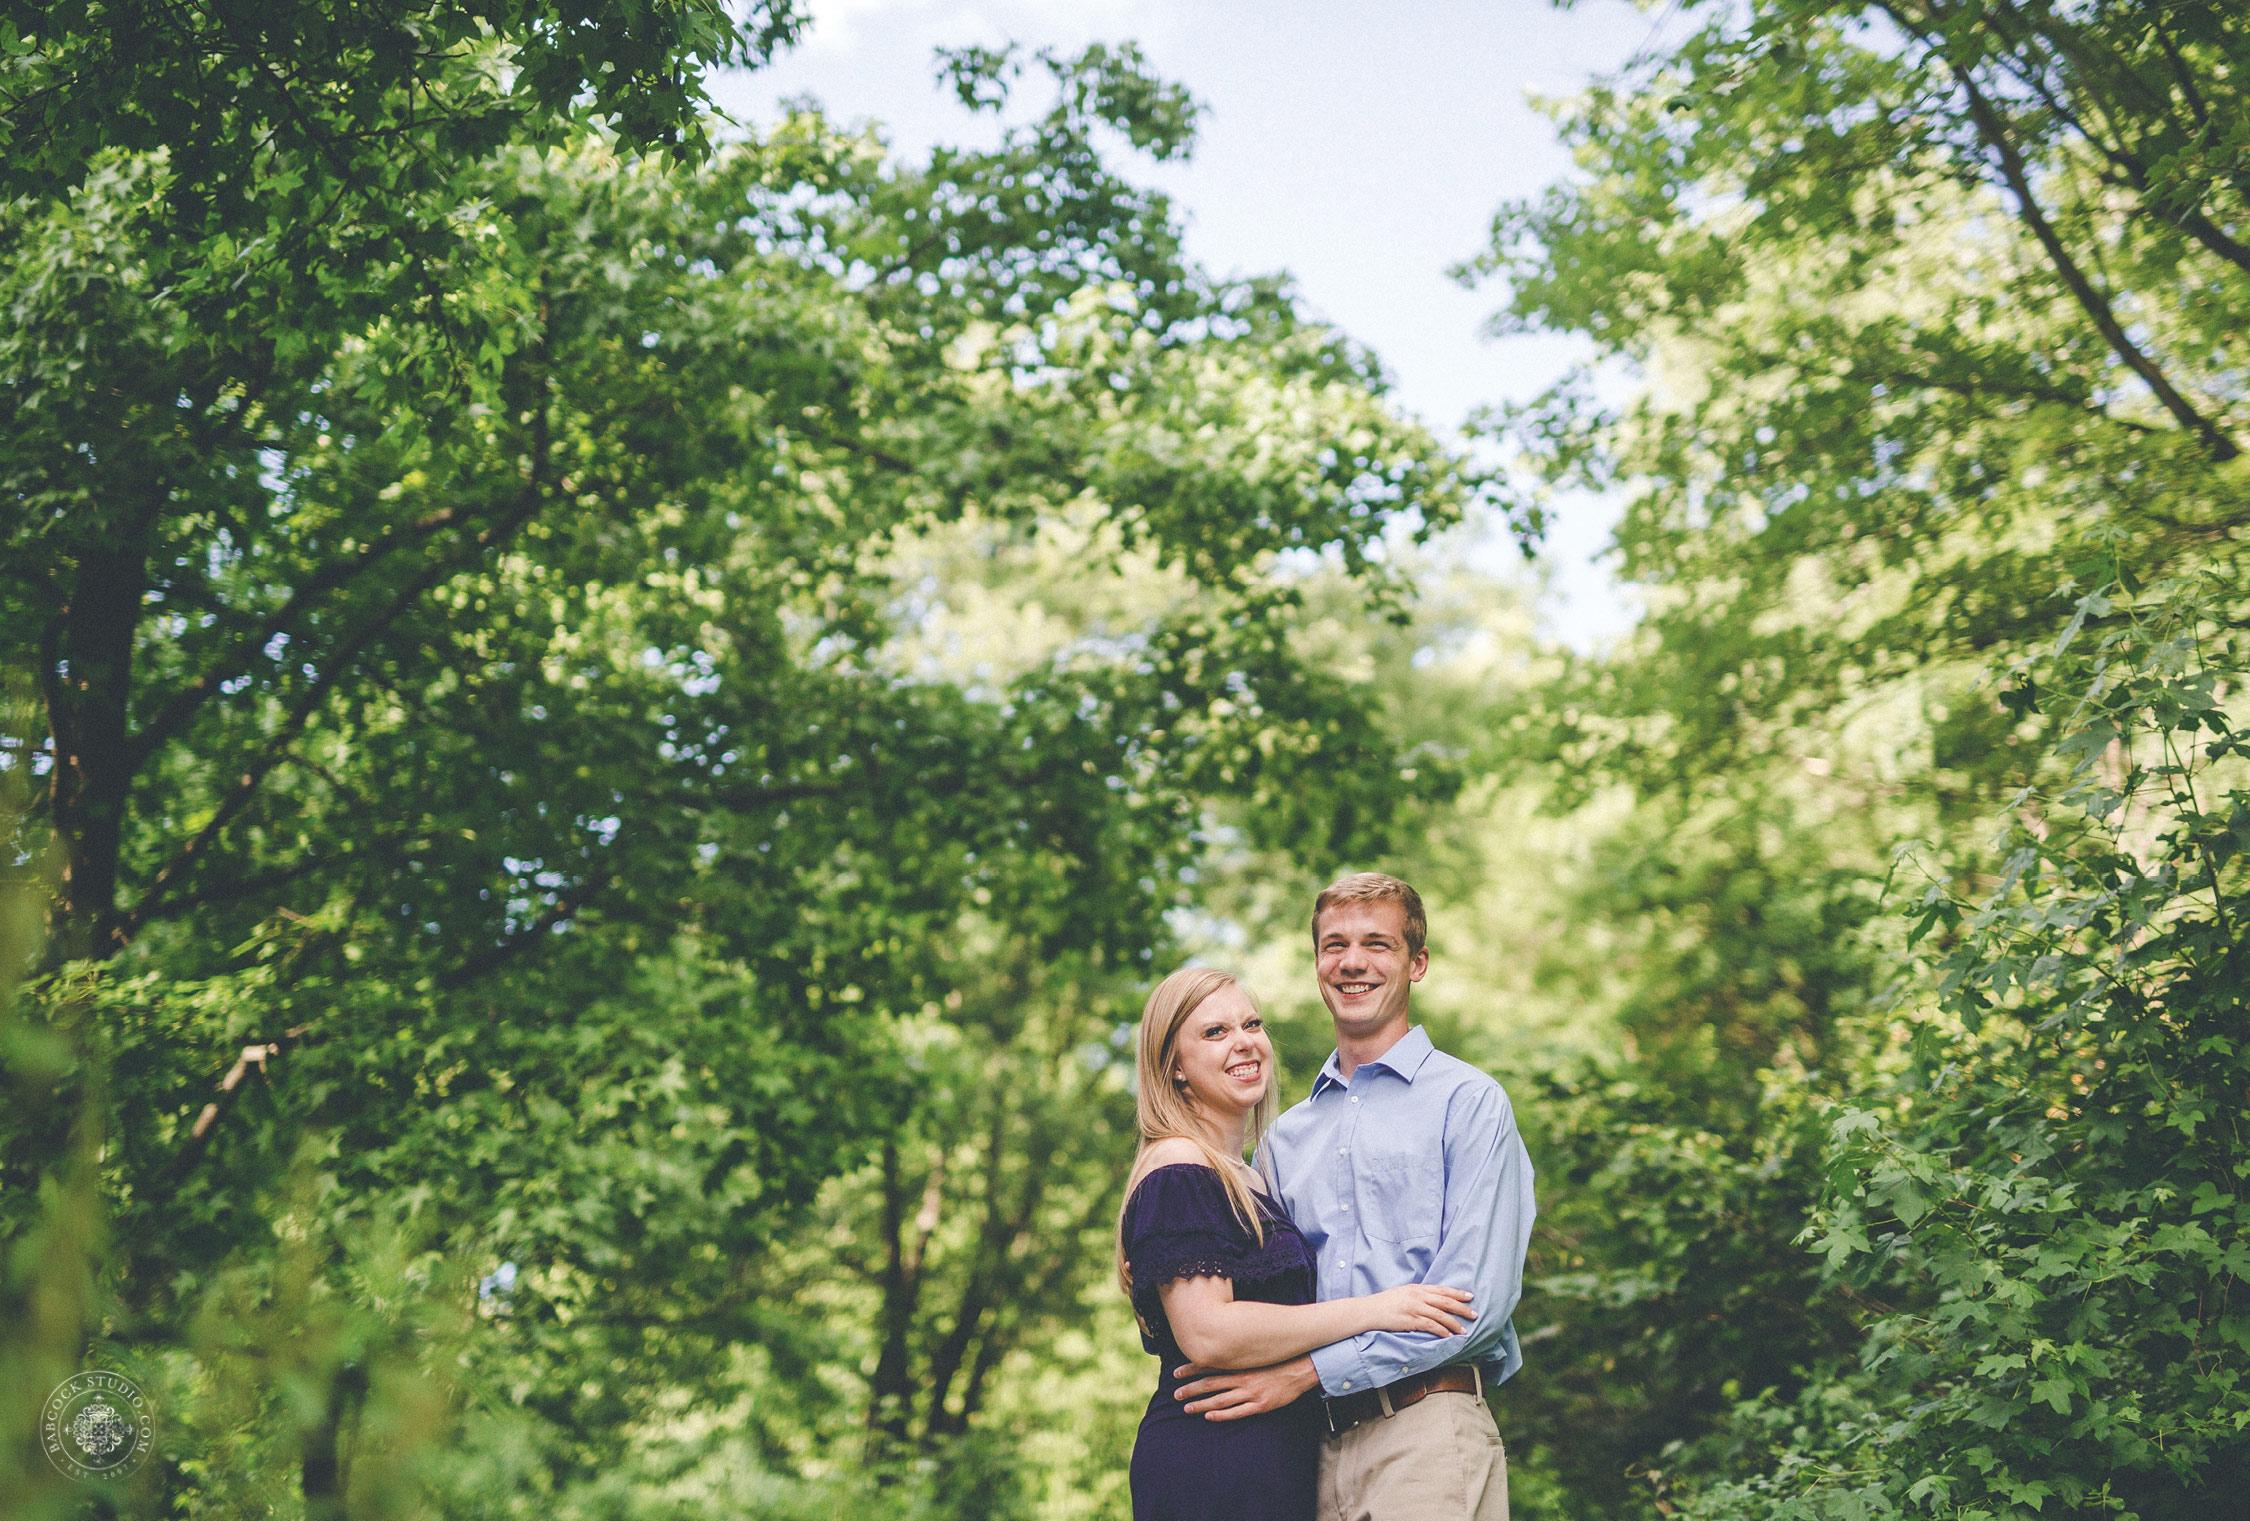 emily-joey-engagement-photographer-dayton-ohio-.jpg